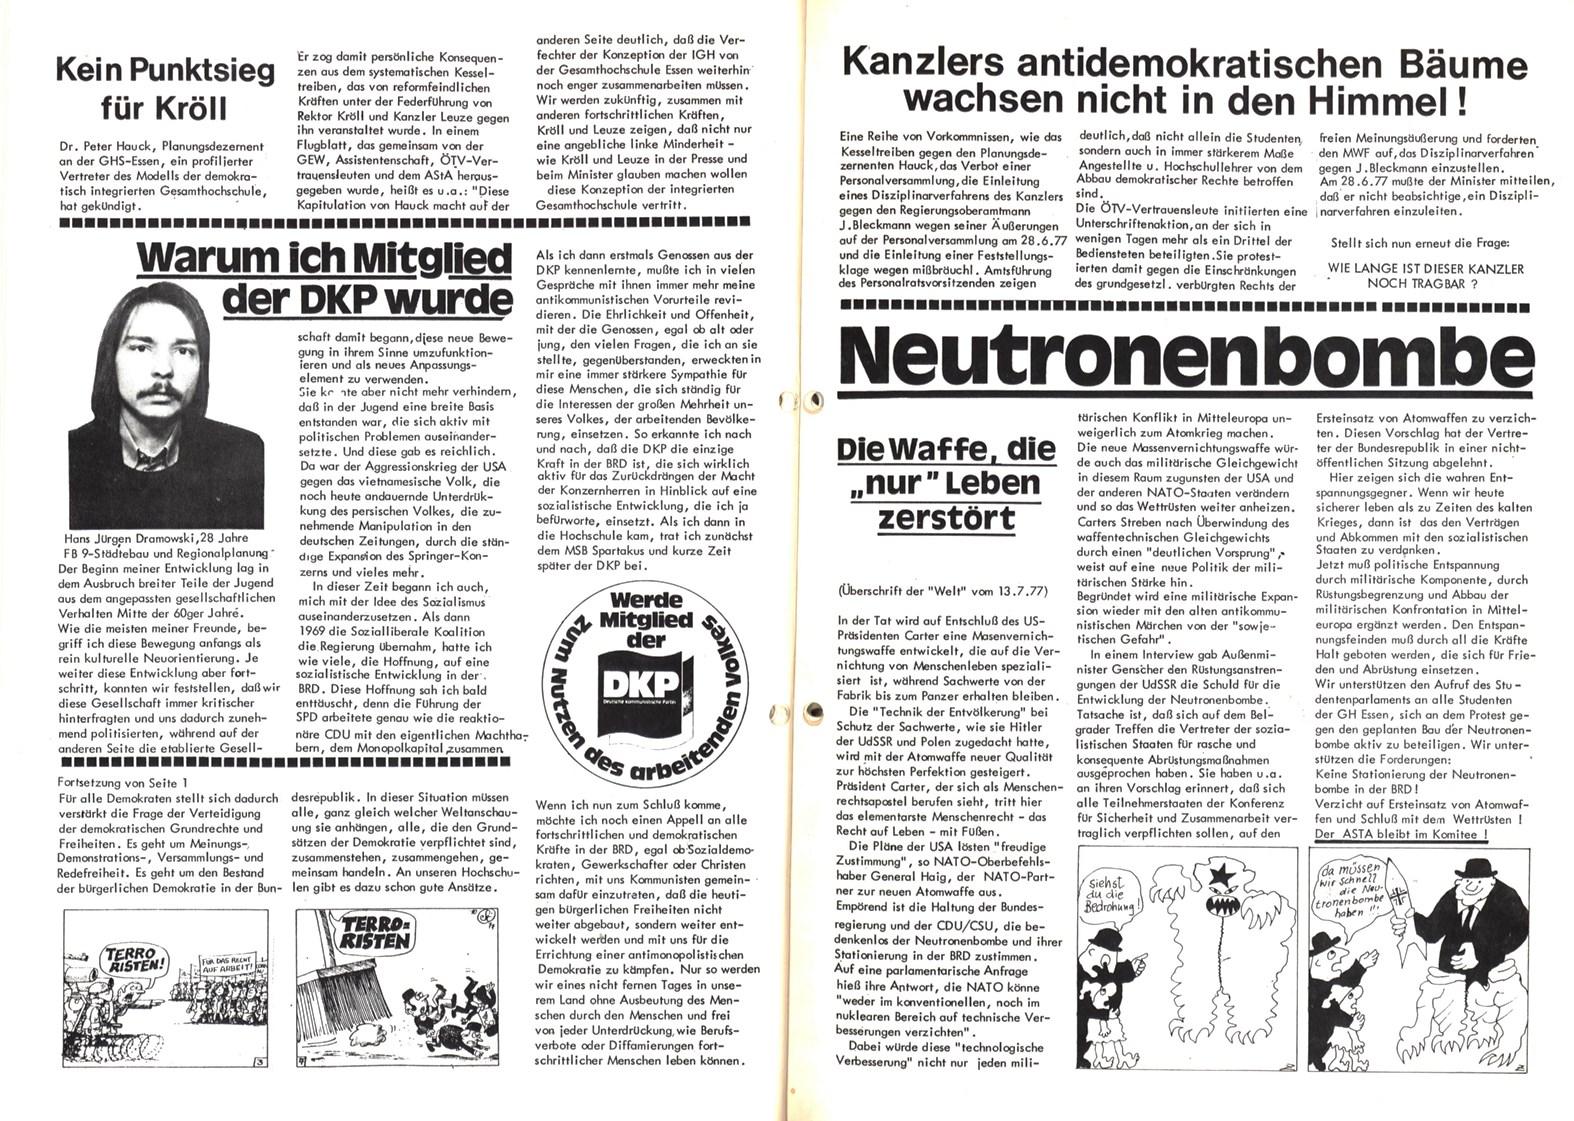 Essen_DKP_Kommunist_19771018_02